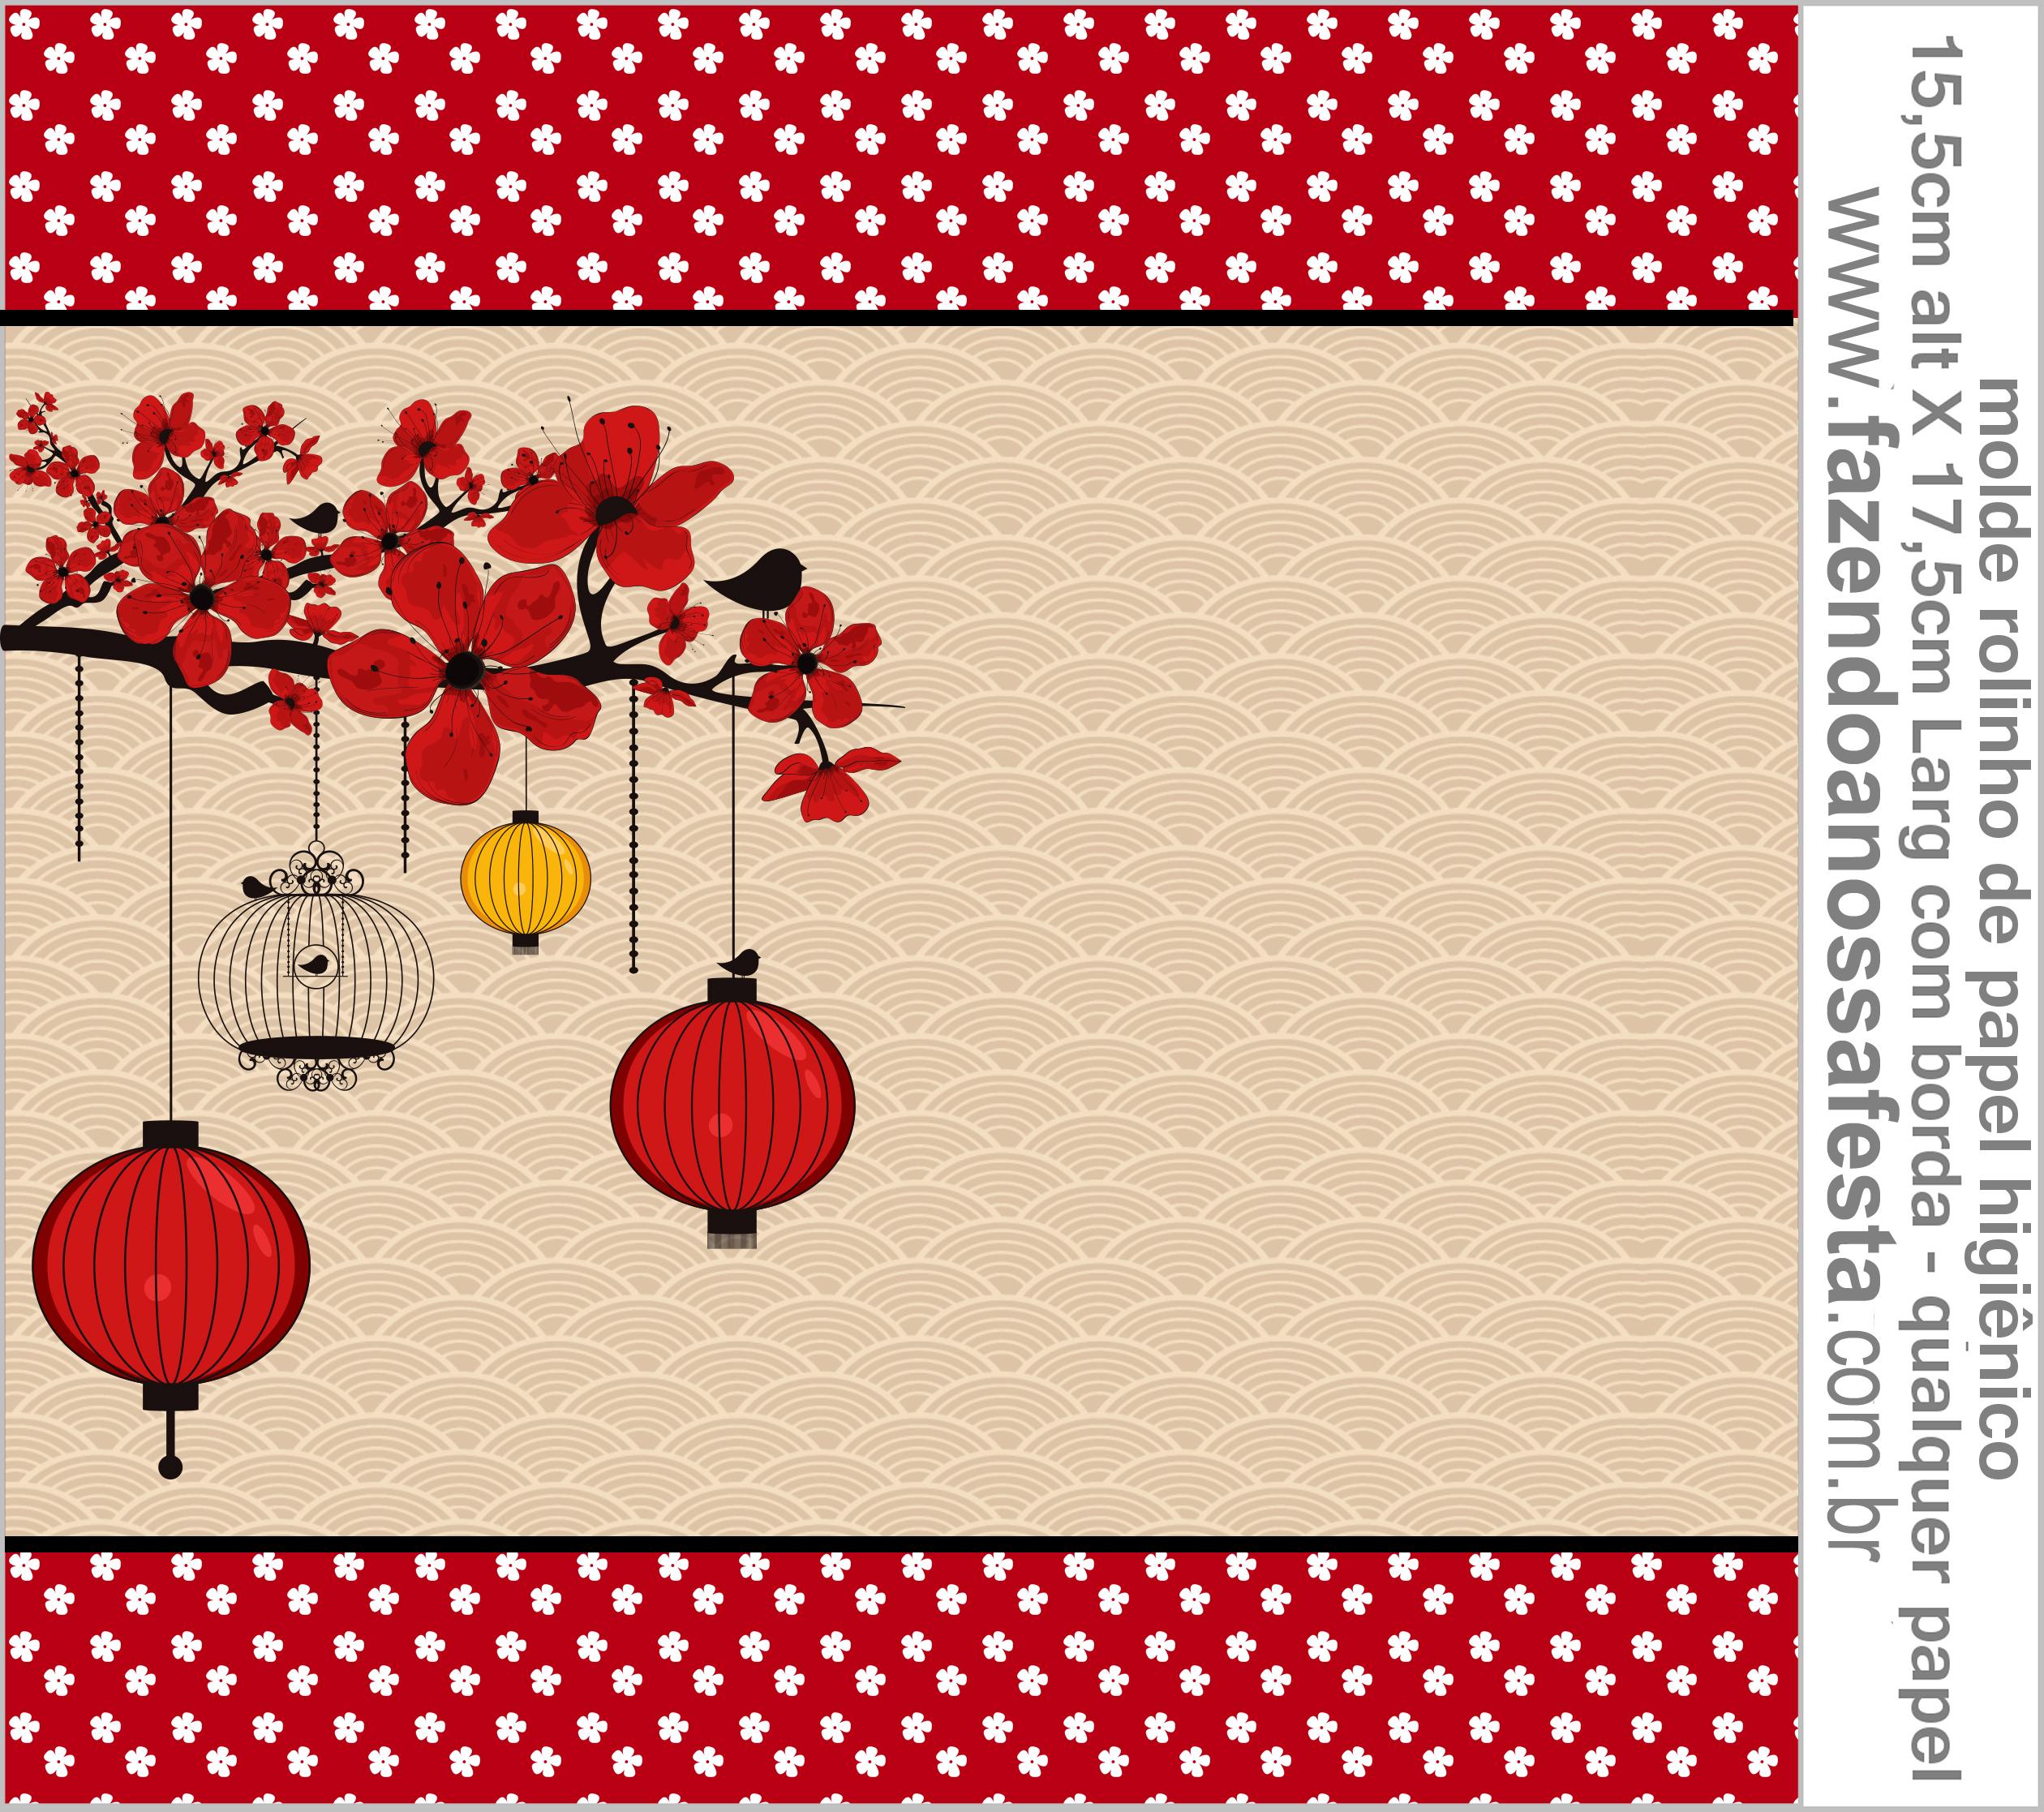 Molde Para Caixinha De Rolo De Papel Higinico | Holidays OO - photo#4